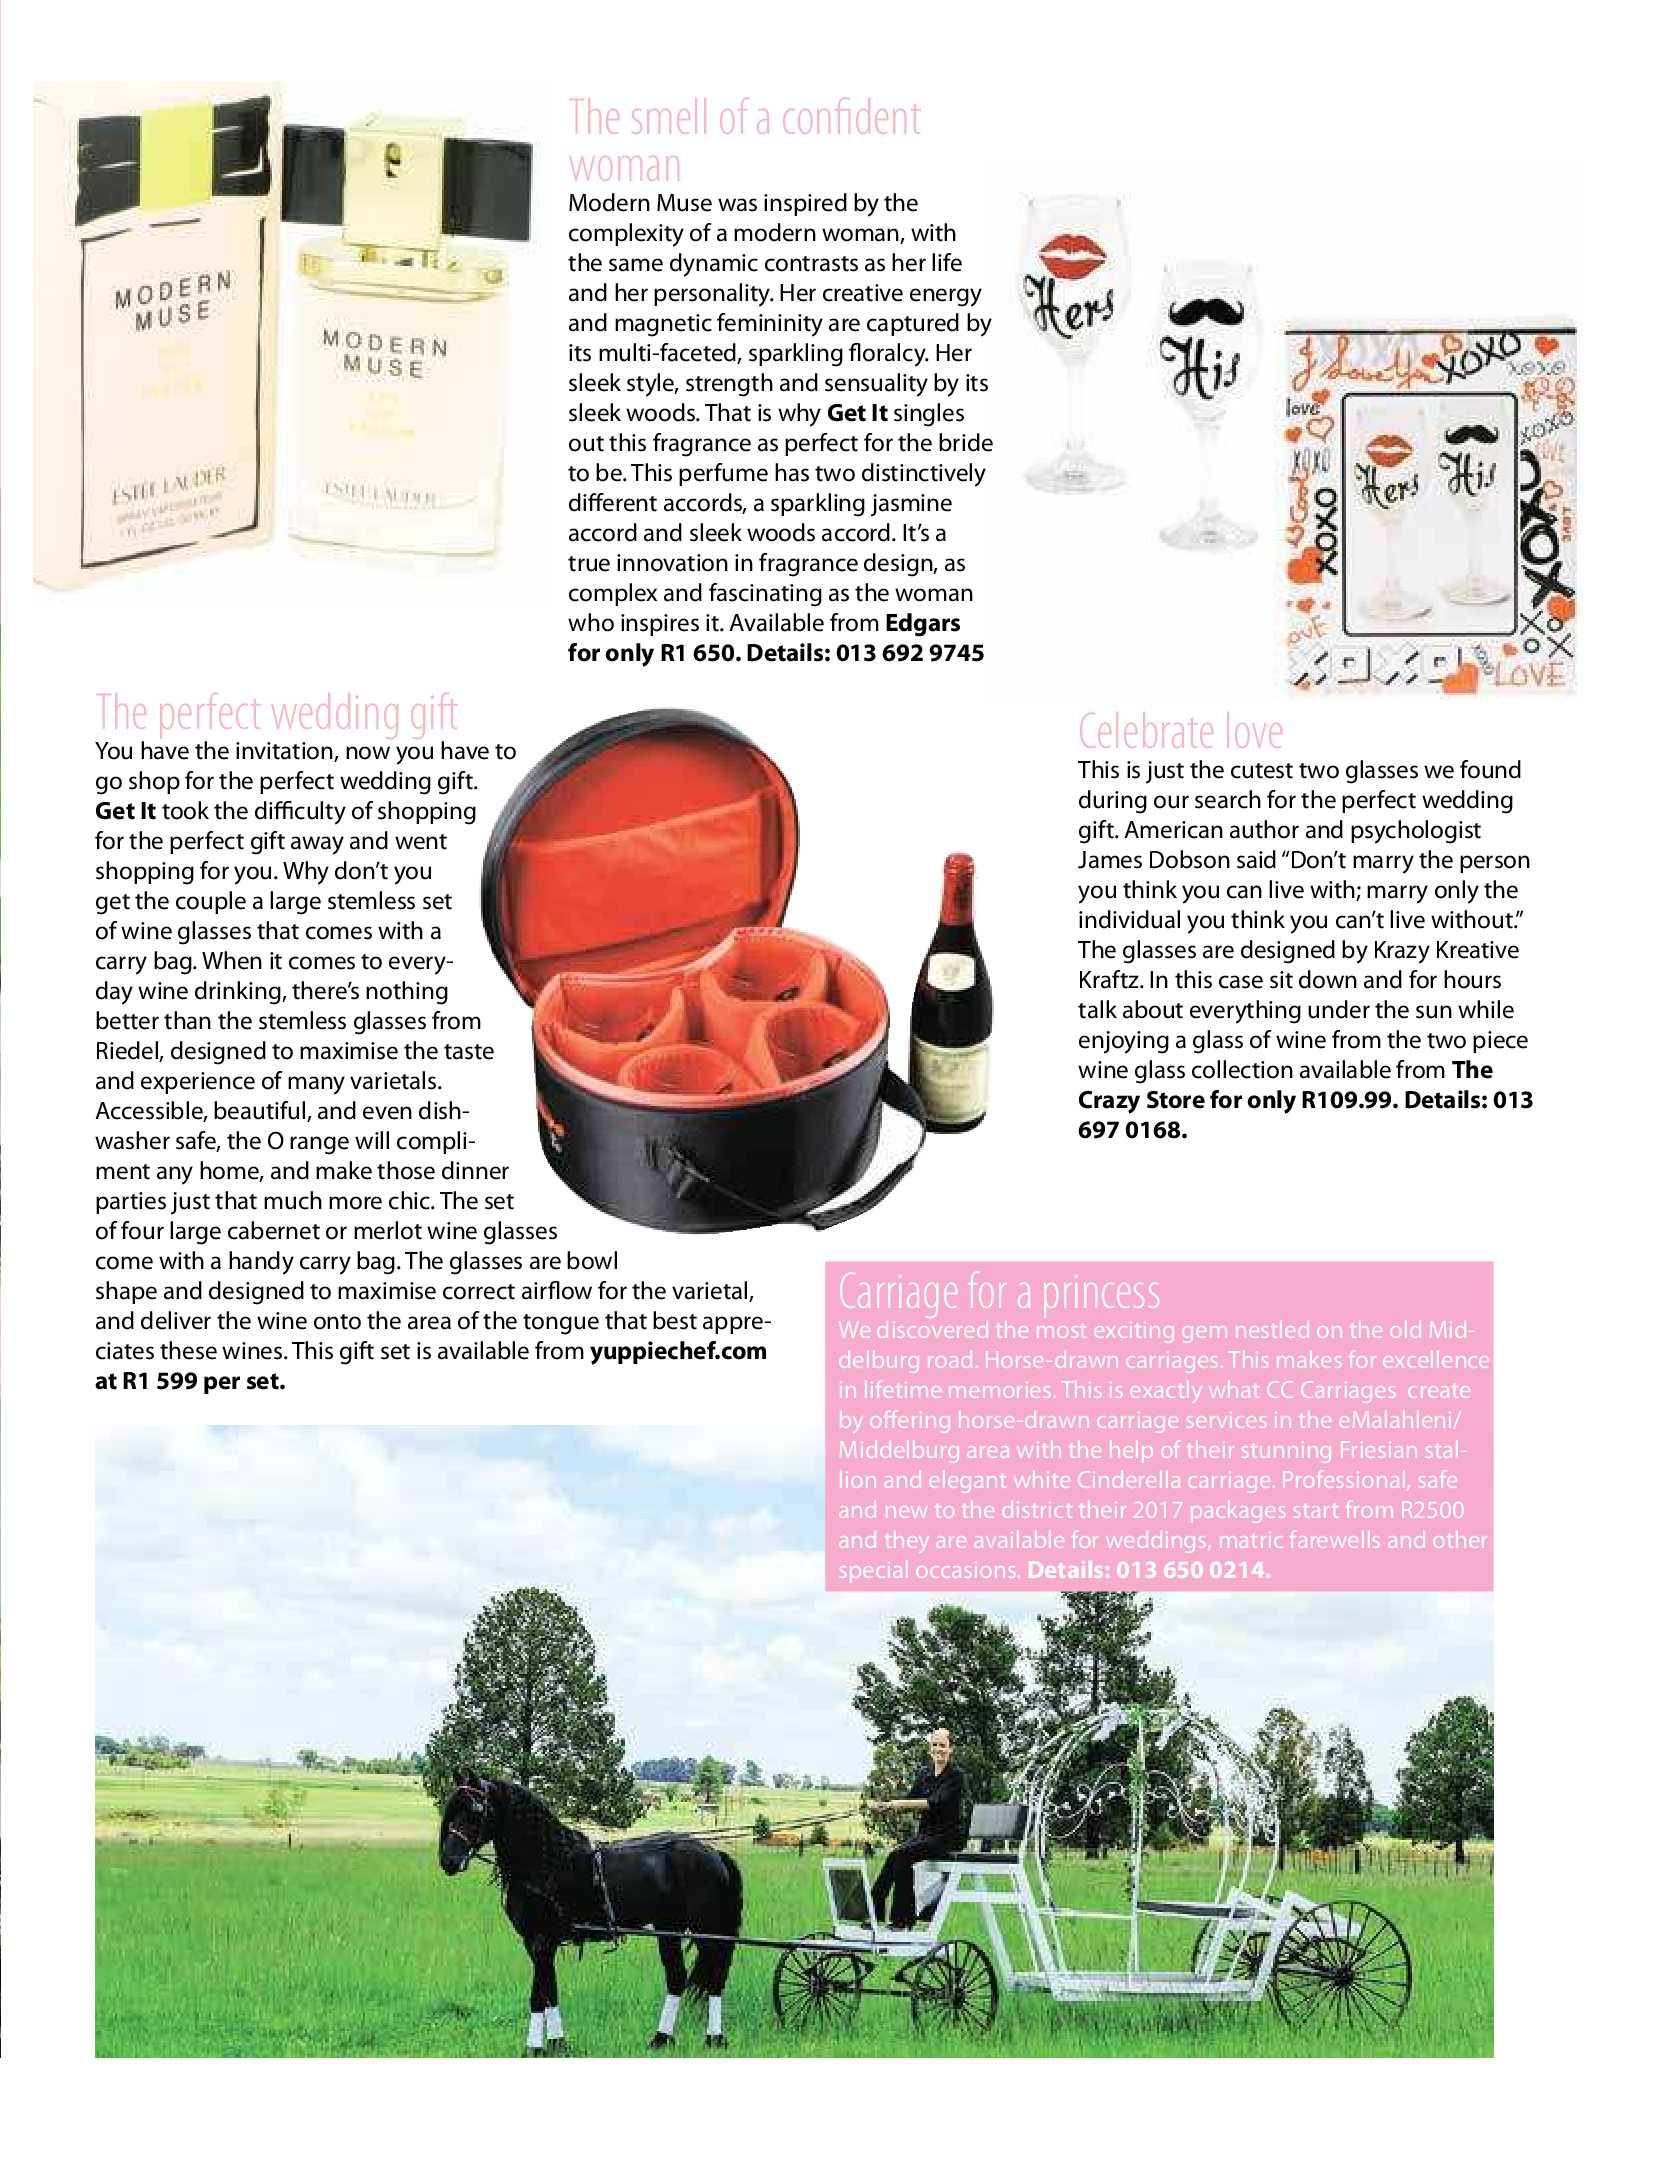 get-middelburg-may-2017-epapers-page-7